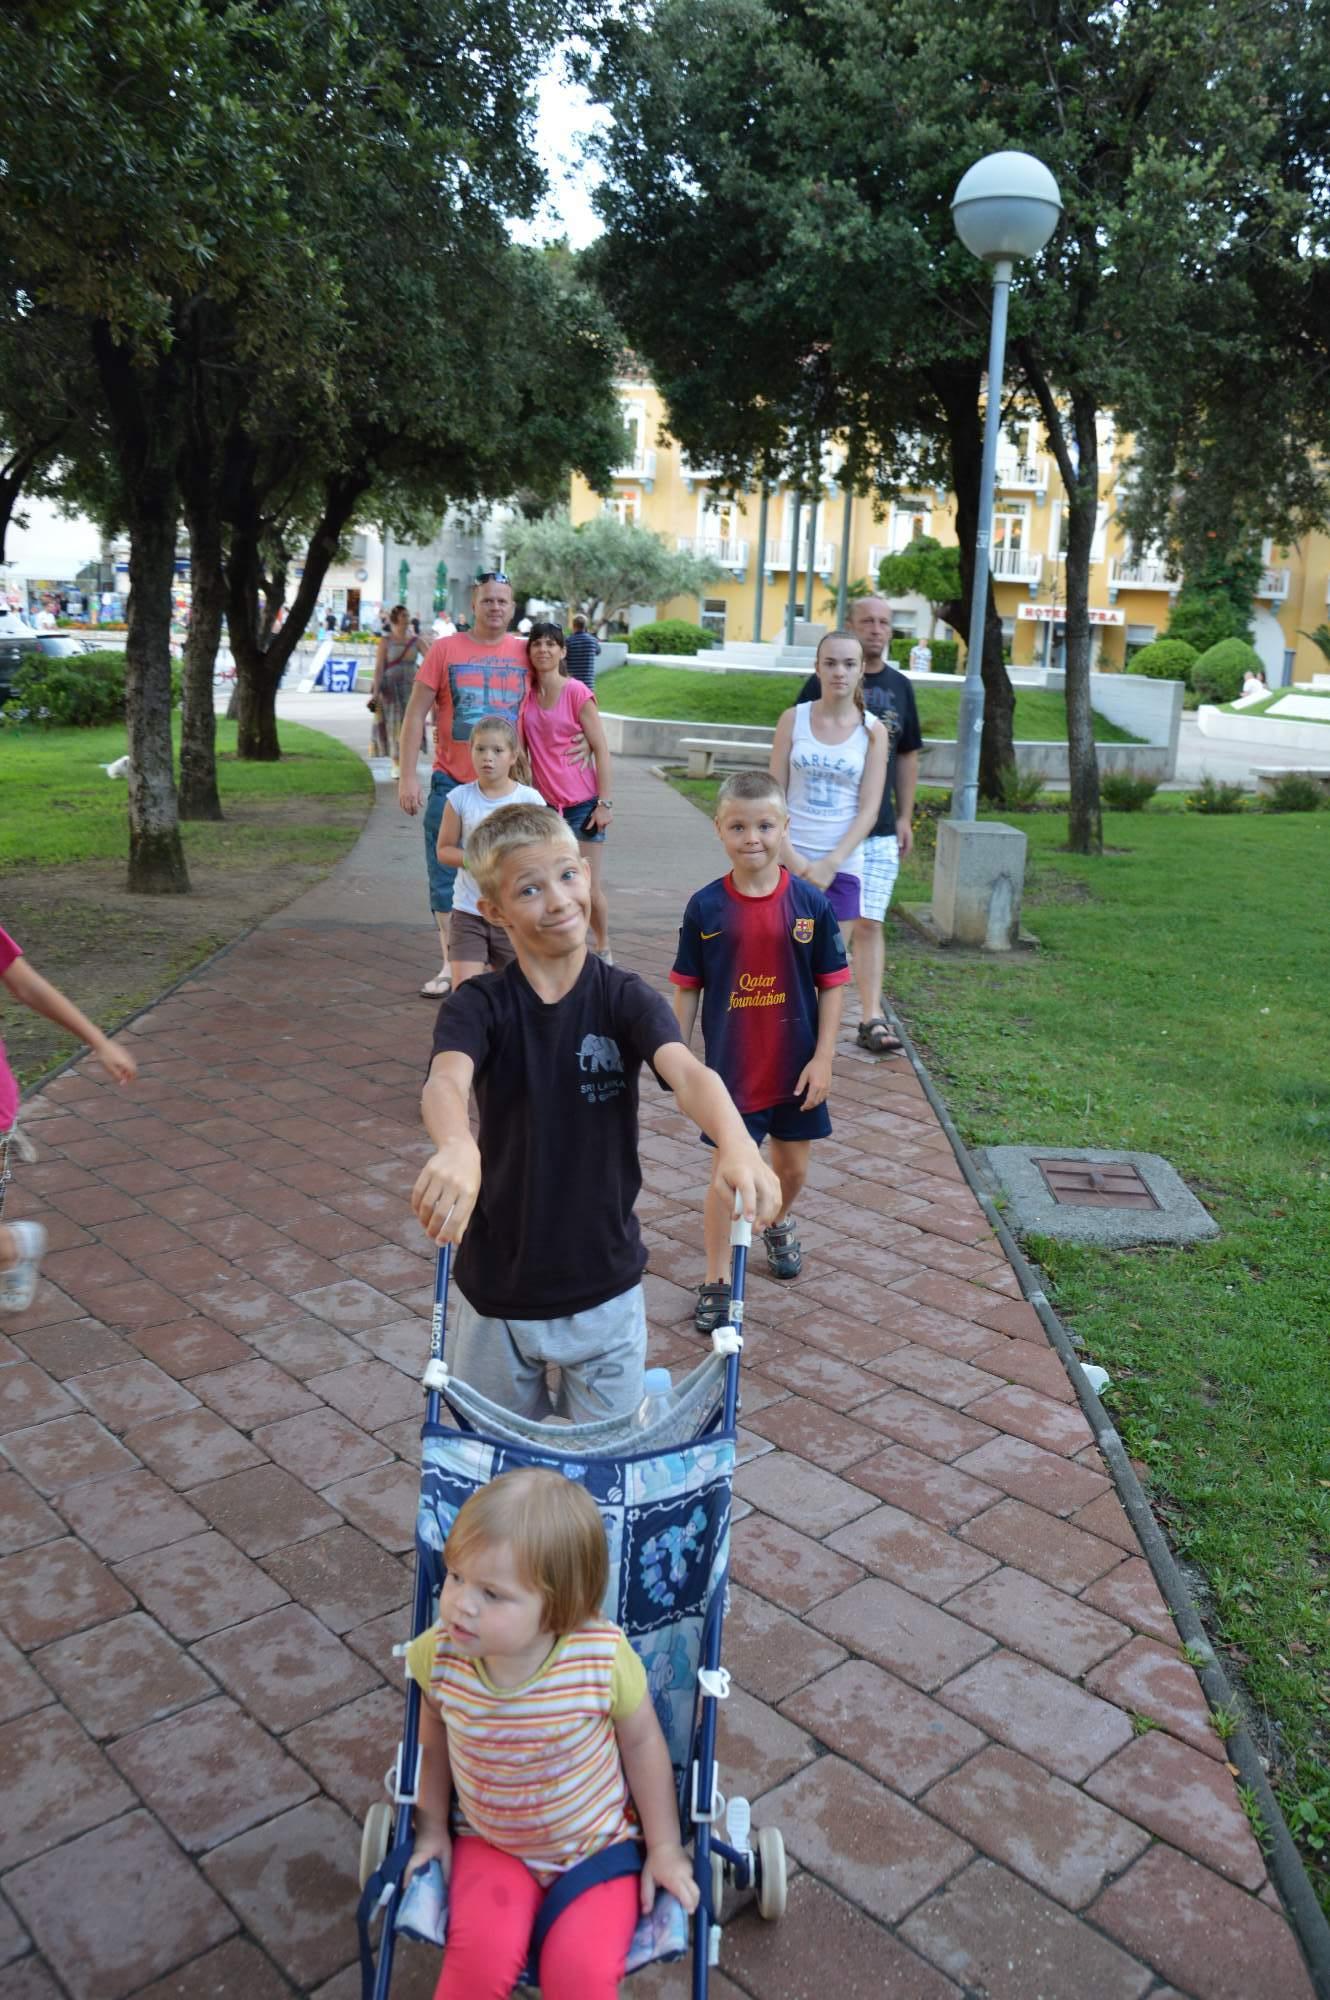 http://img19.rajce.idnes.cz/d1902/11/11369/11369498_ba1b1cc51aa2b100ecd01c05fe1b9075/images/DSC_0112.jpg